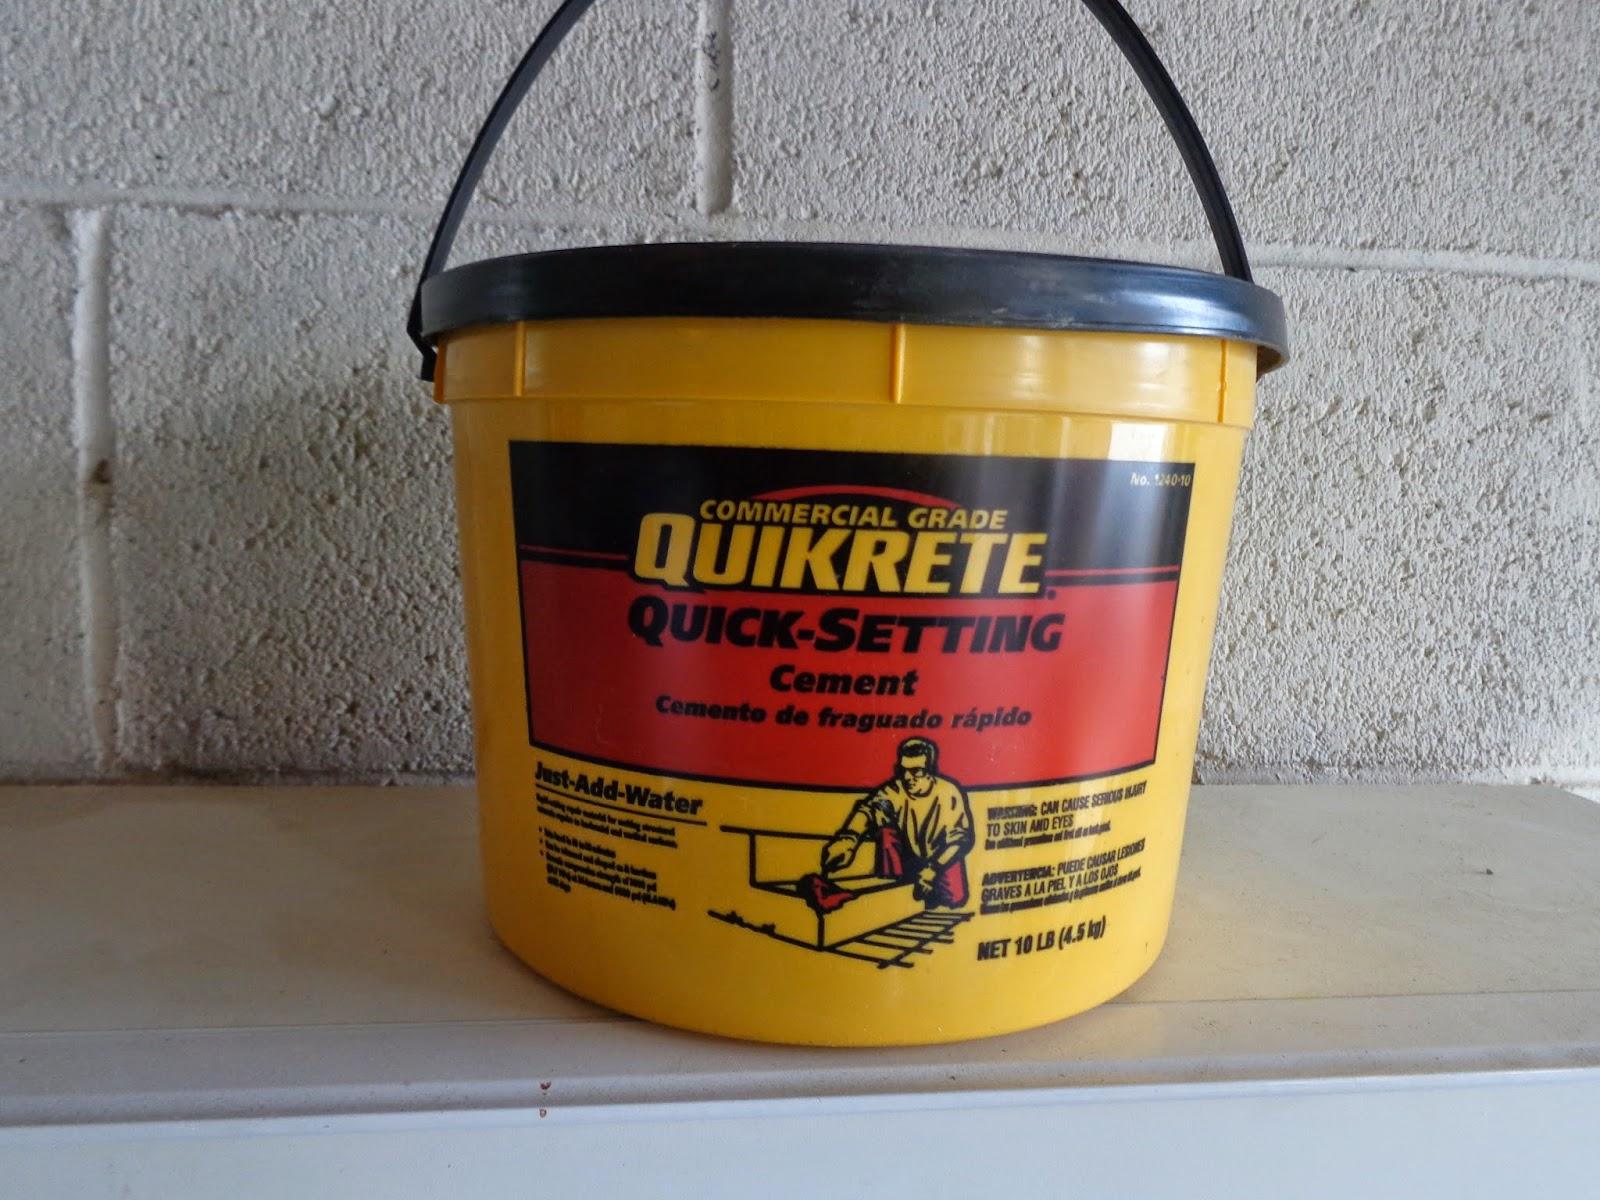 Quikrete